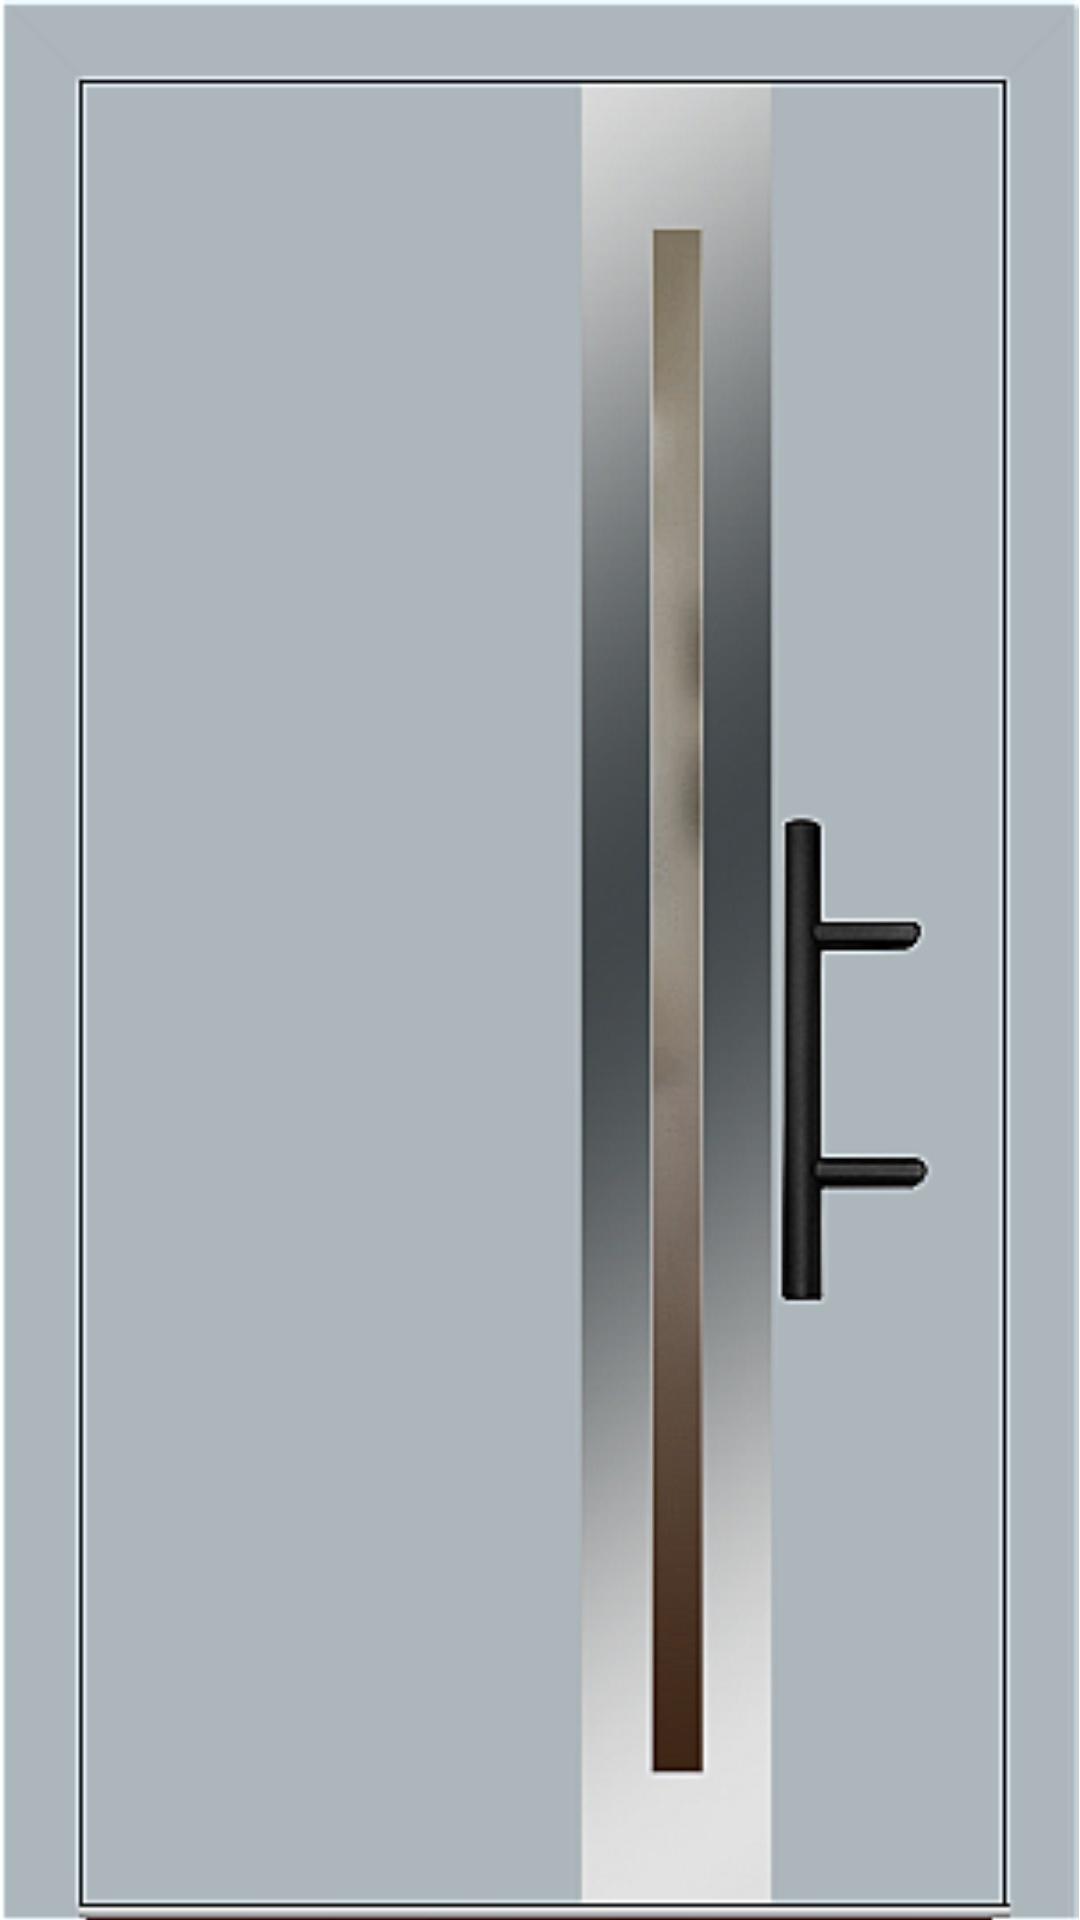 Holz-Alu Haustür Modell 66398 fehgrau